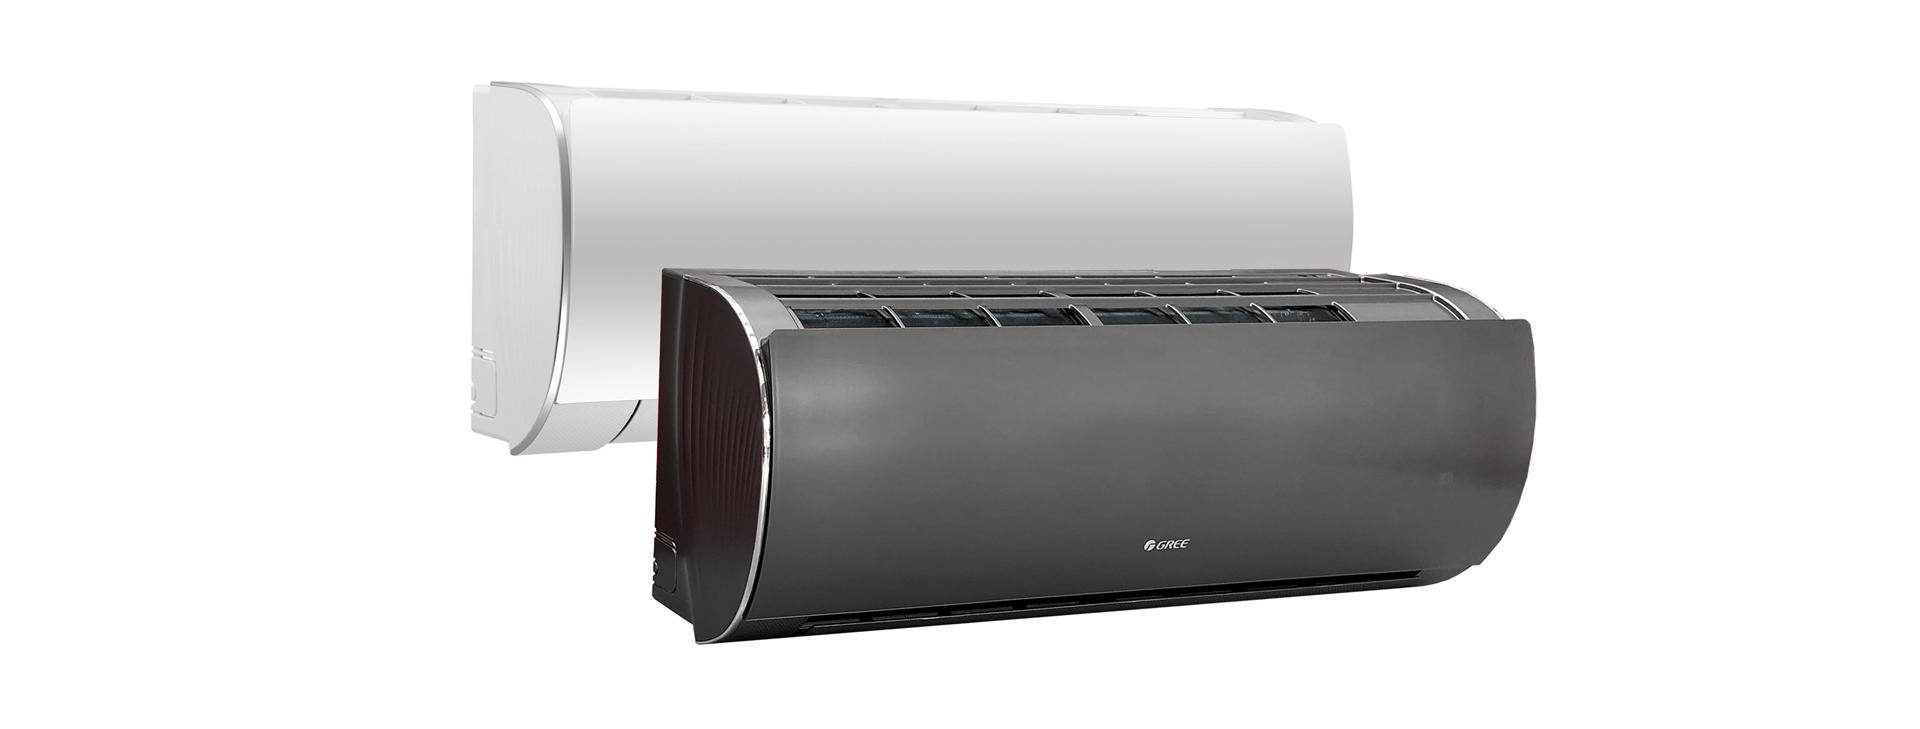 Инверторен климатик GREE Fairy GWH-12ACC Бял + Wi-Fi, от1268 лв. на 1178 лв. без монтаж